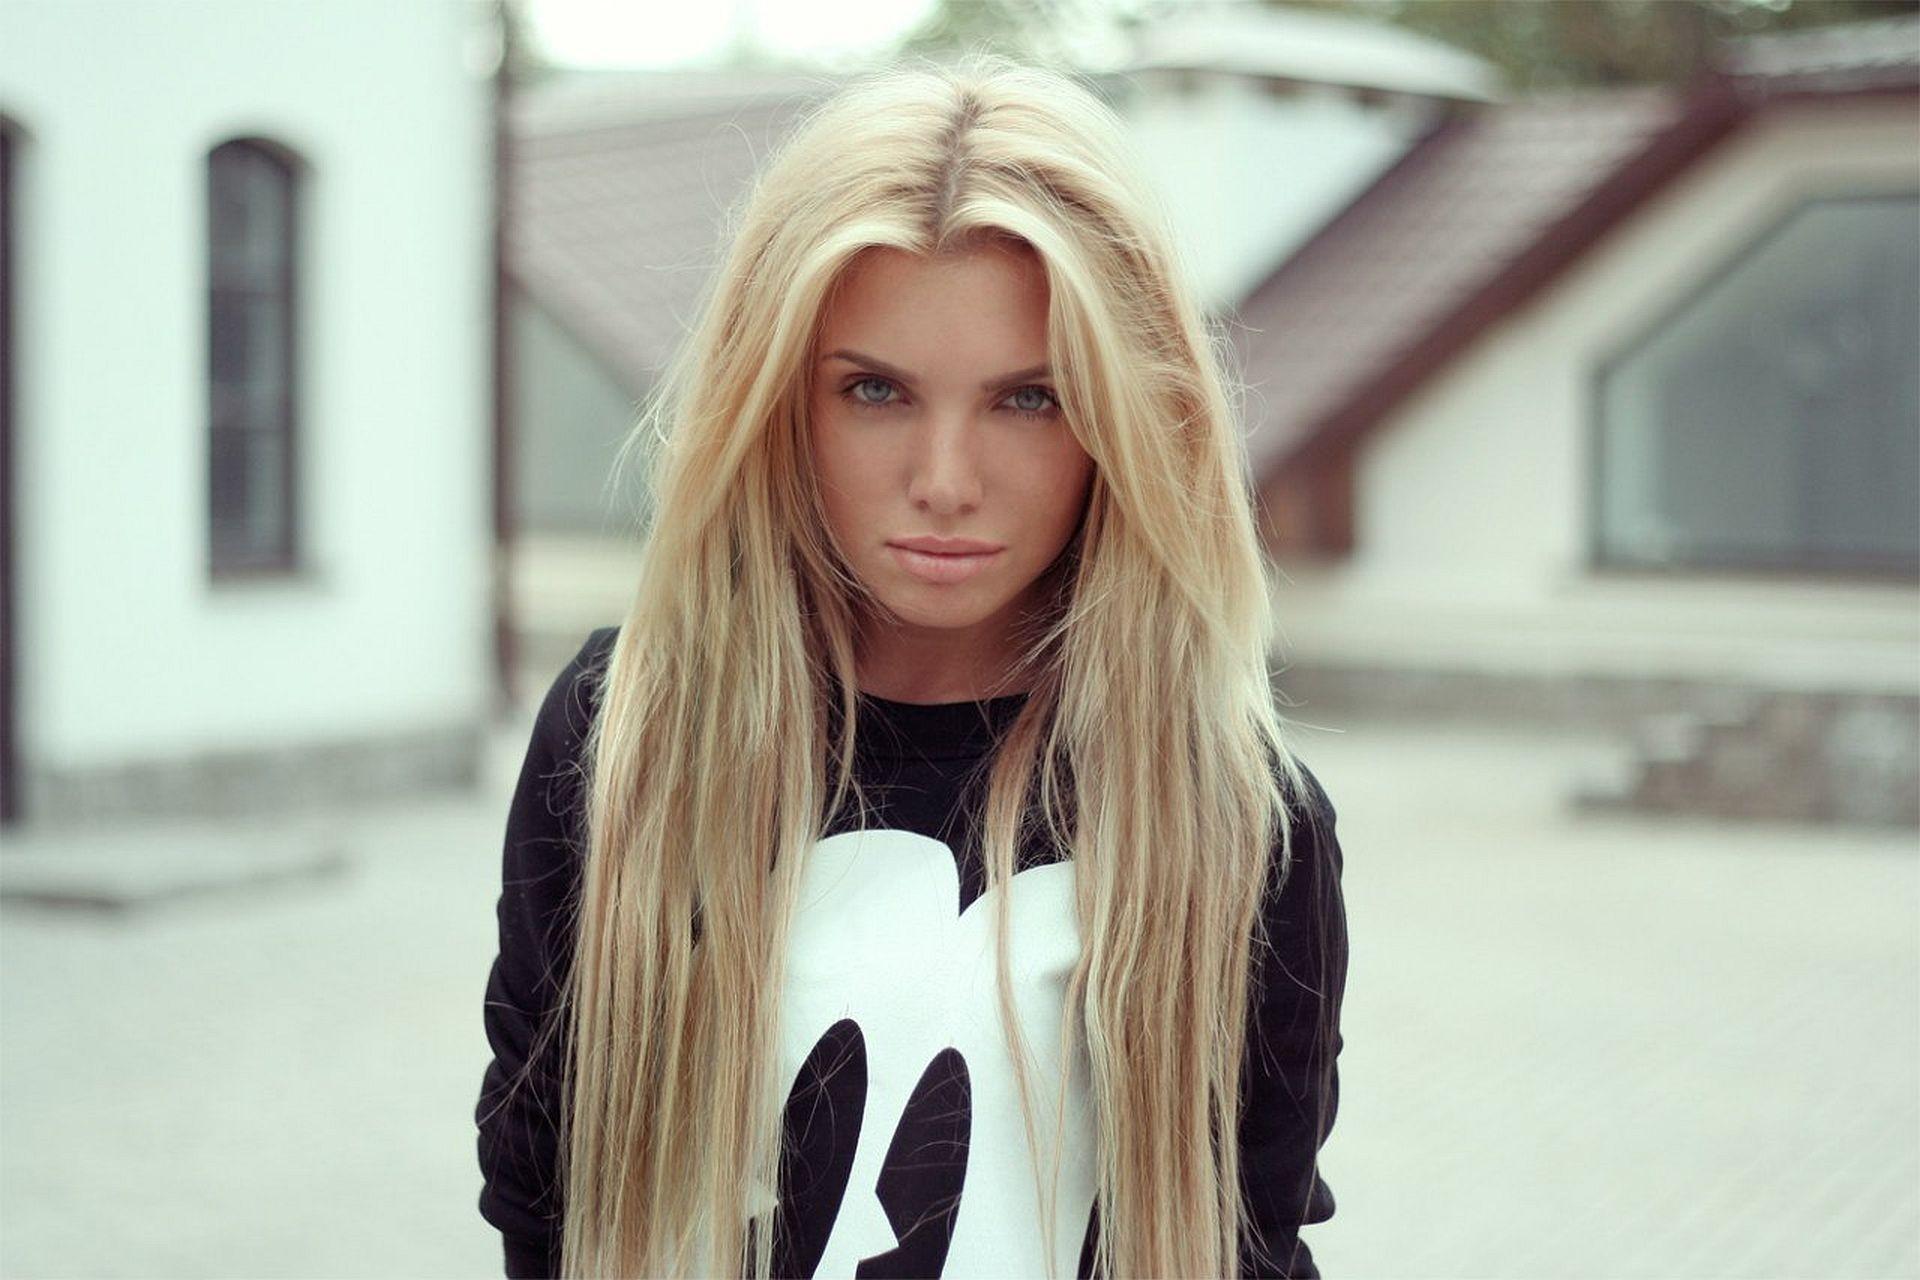 Новые картинки на аву для девушек блондинок